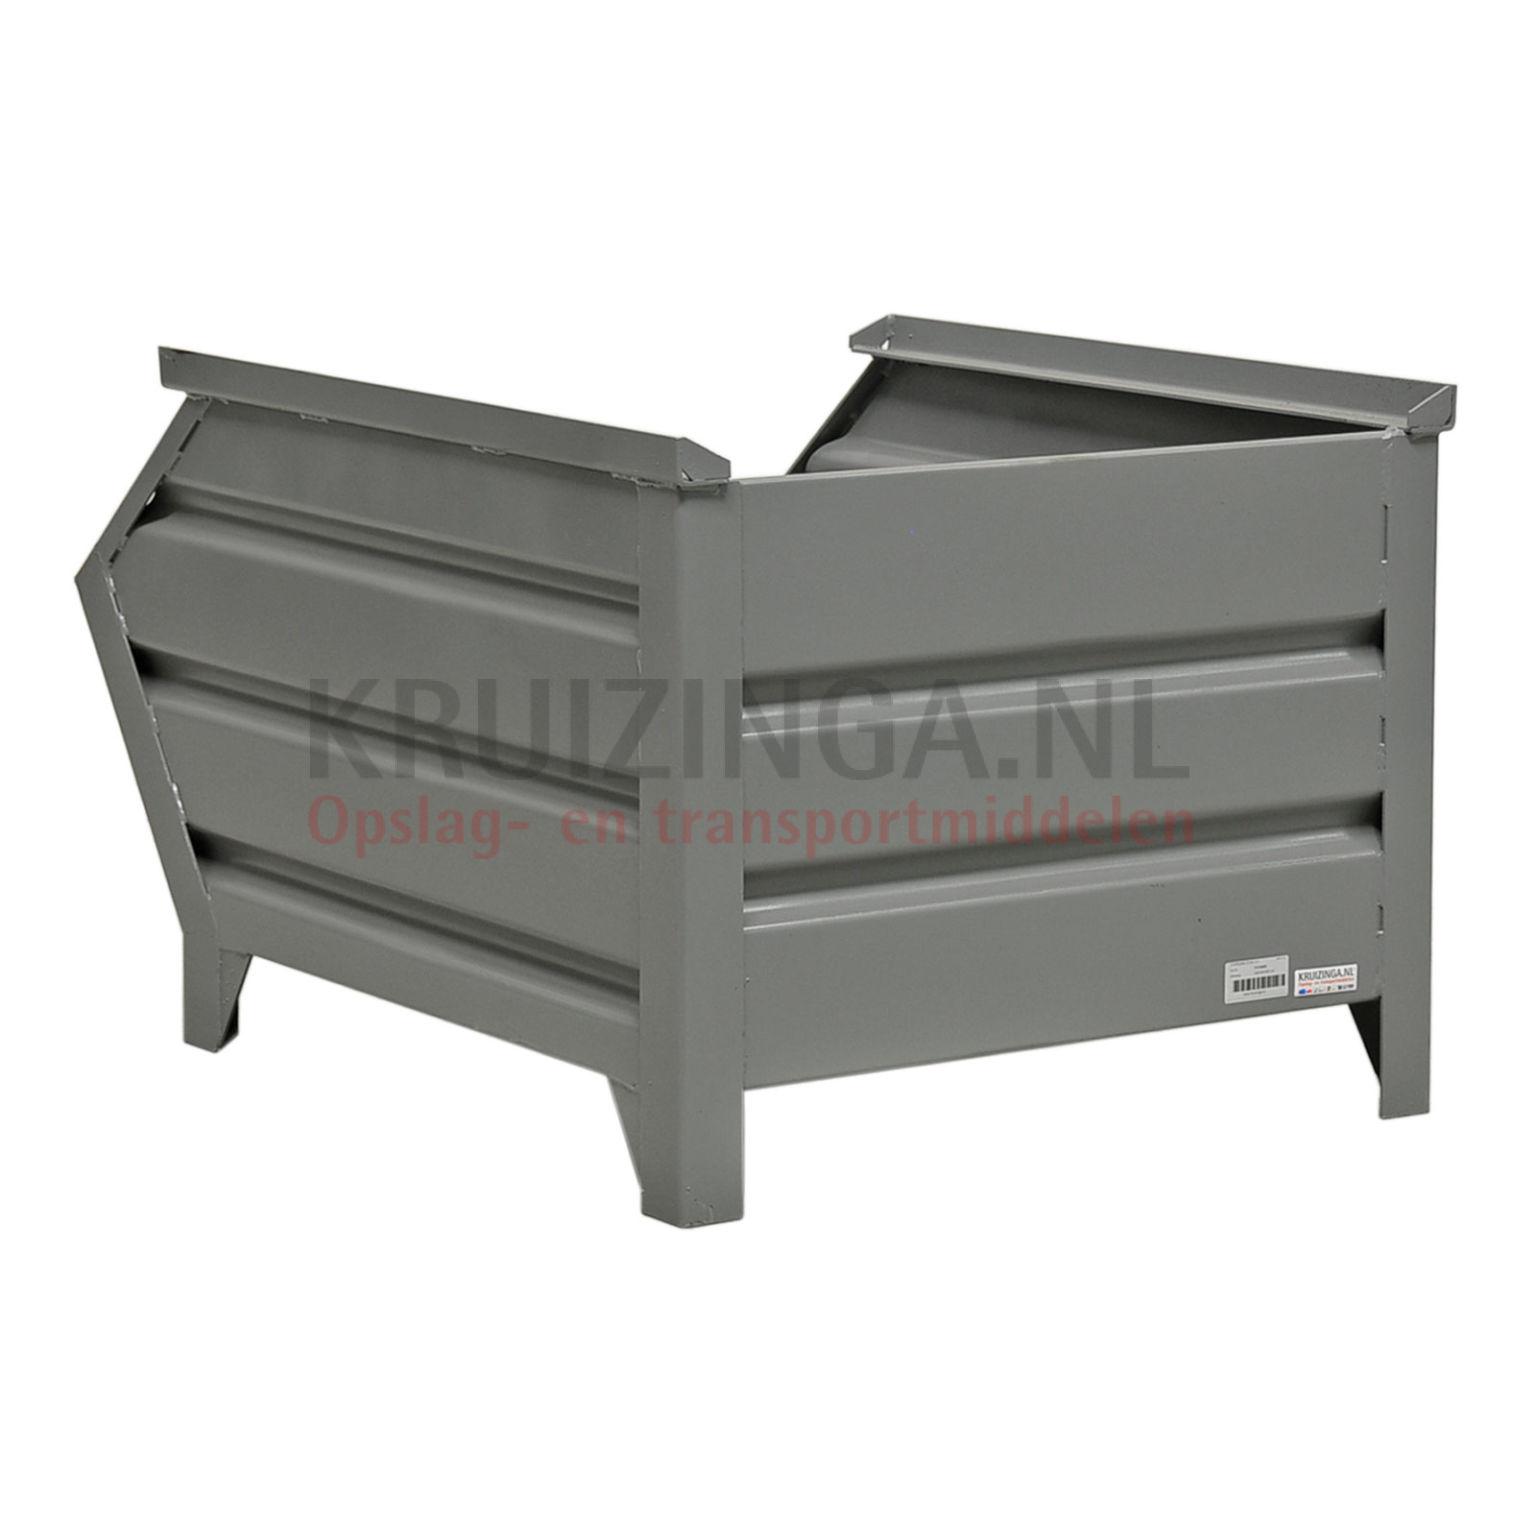 bac de rangement acier construction robuste bac empilable poign e inclin partir de 187. Black Bedroom Furniture Sets. Home Design Ideas